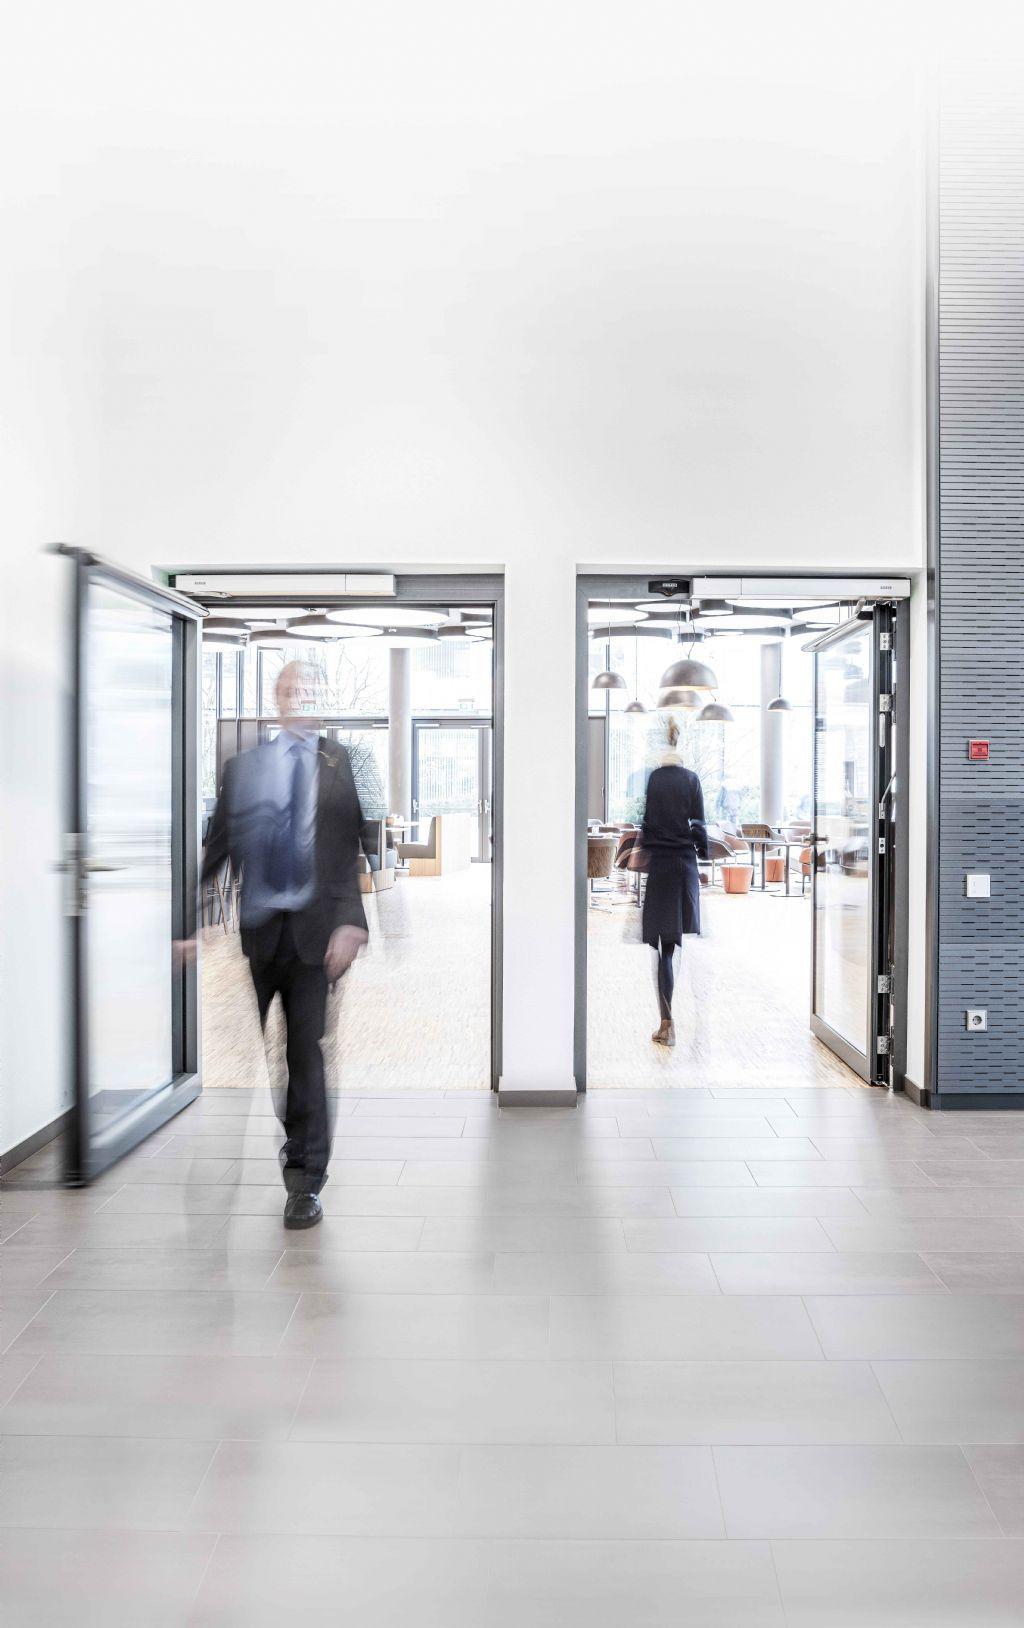 GEZE a également ajouté GEZE INAC à sa gamme de systèmes de contrôle d'accès à la pointe de la technologie.